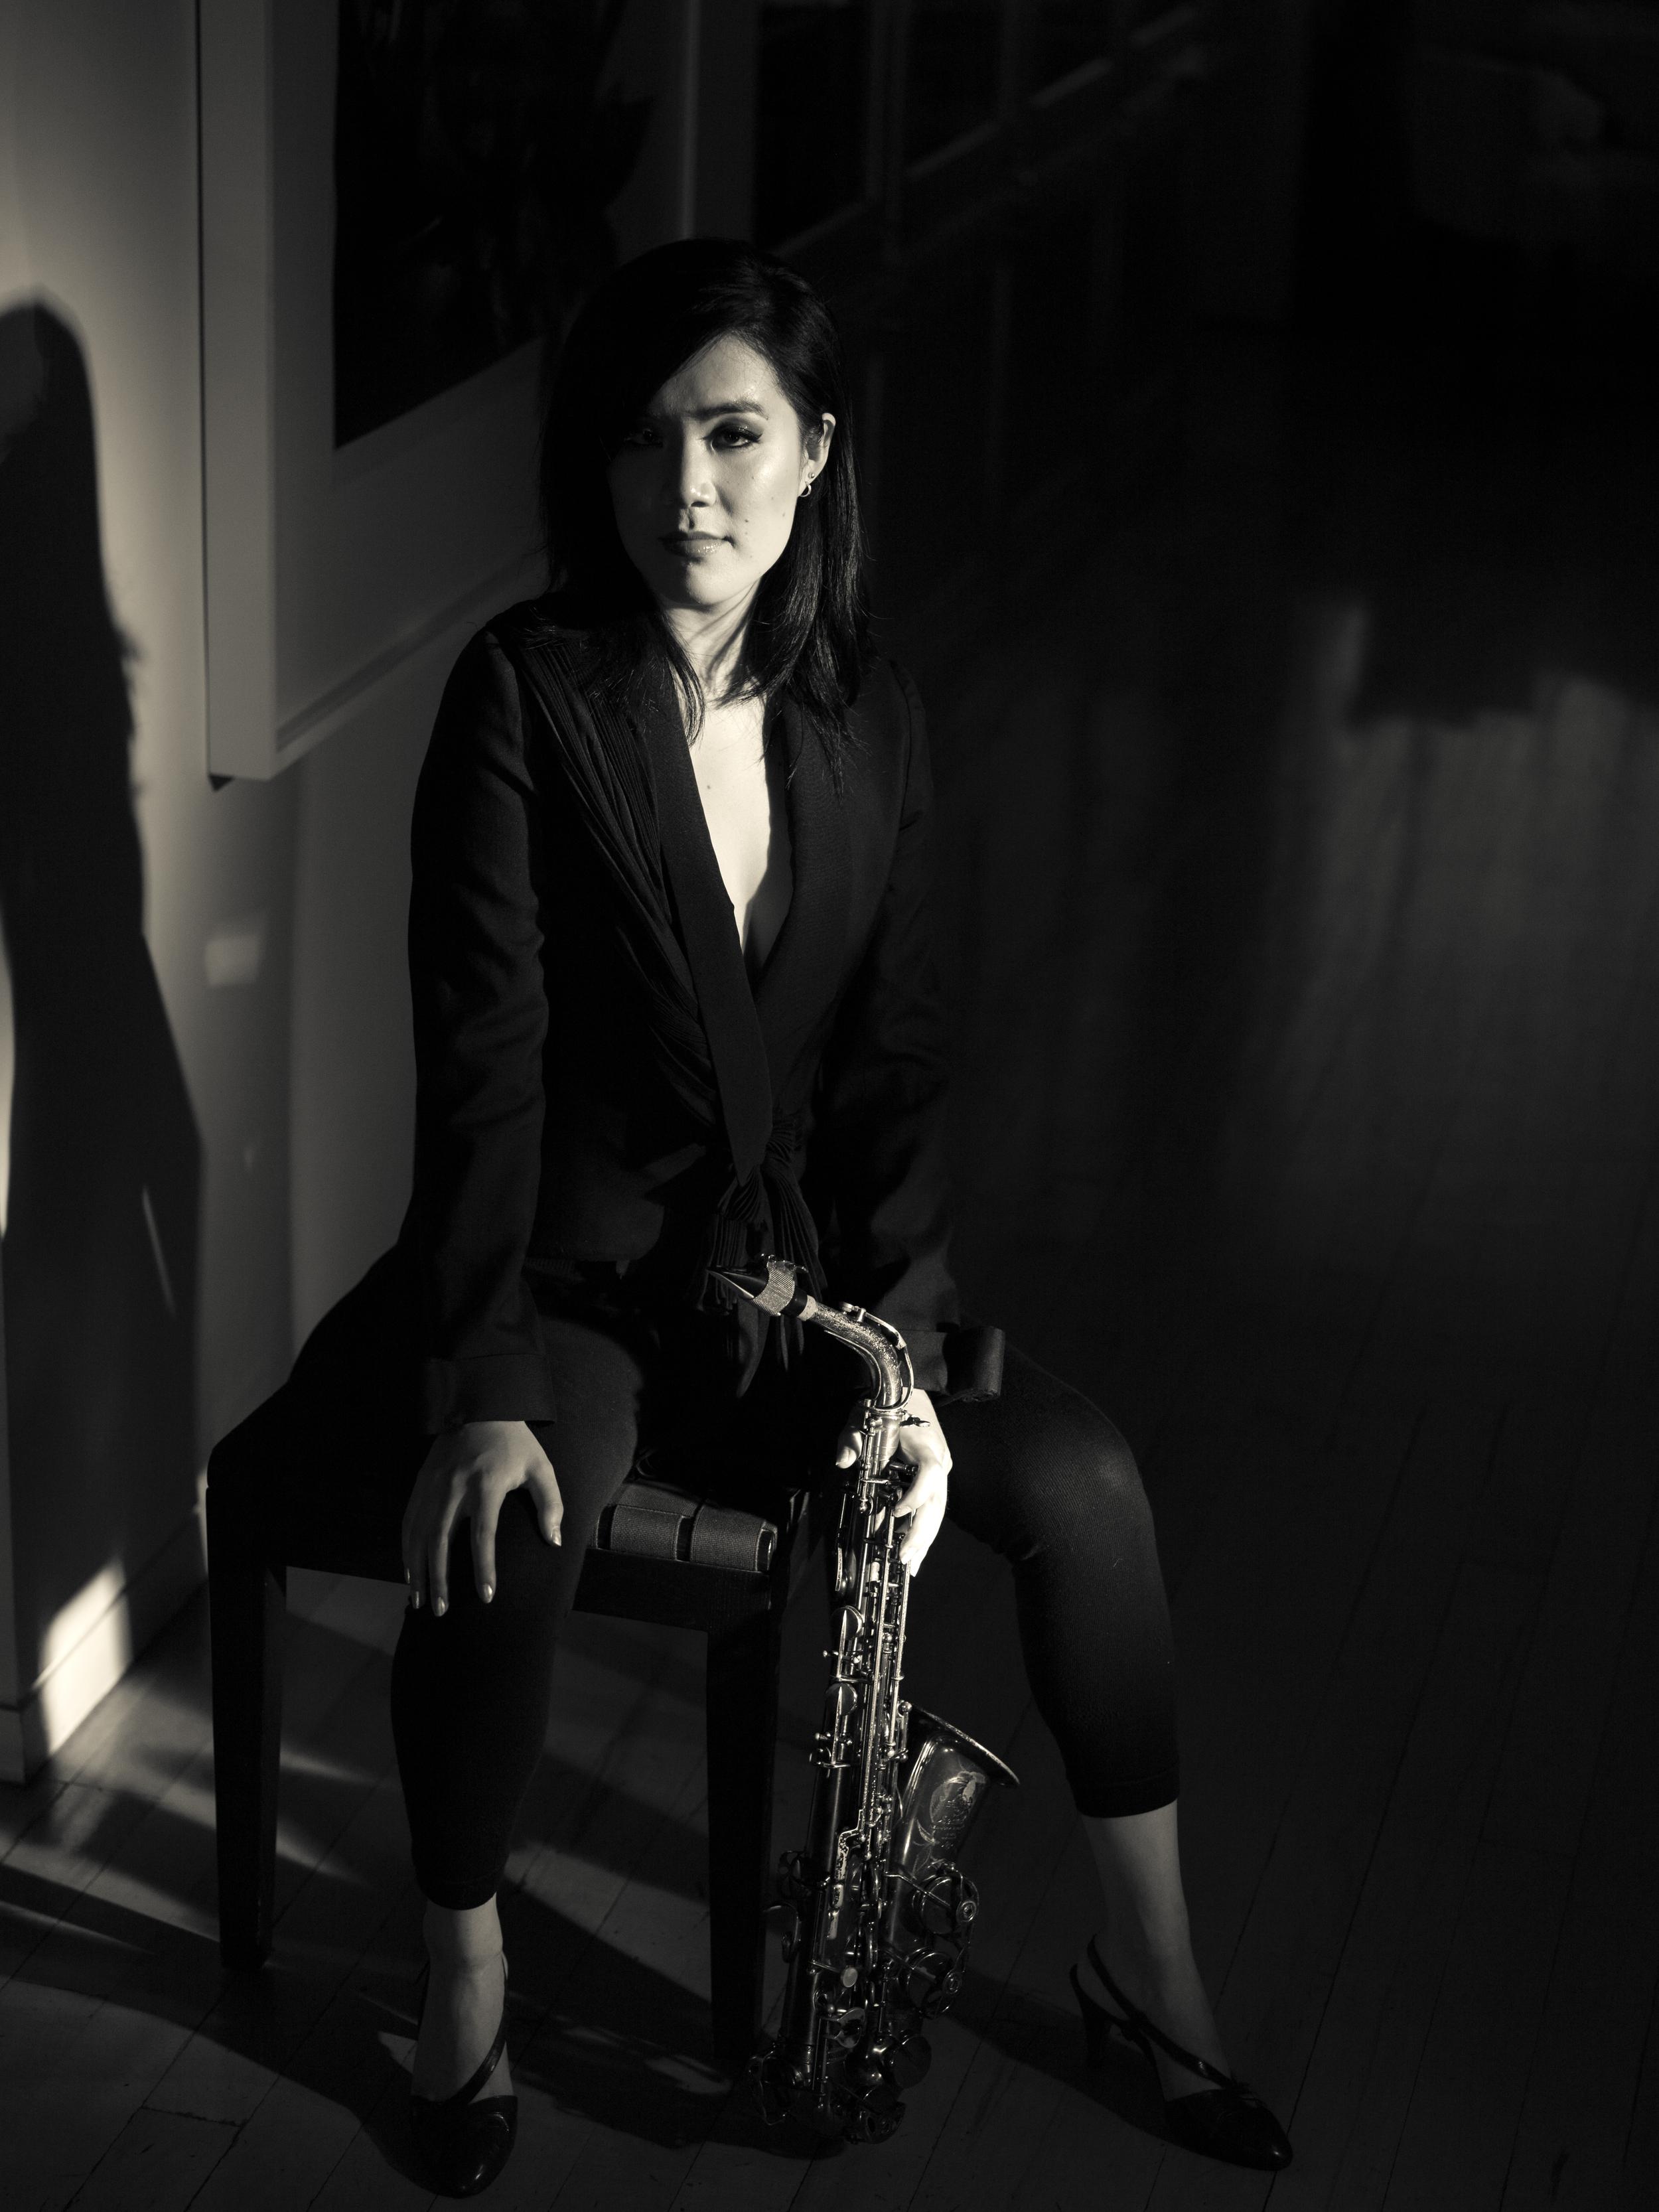 photo by Emra Islek